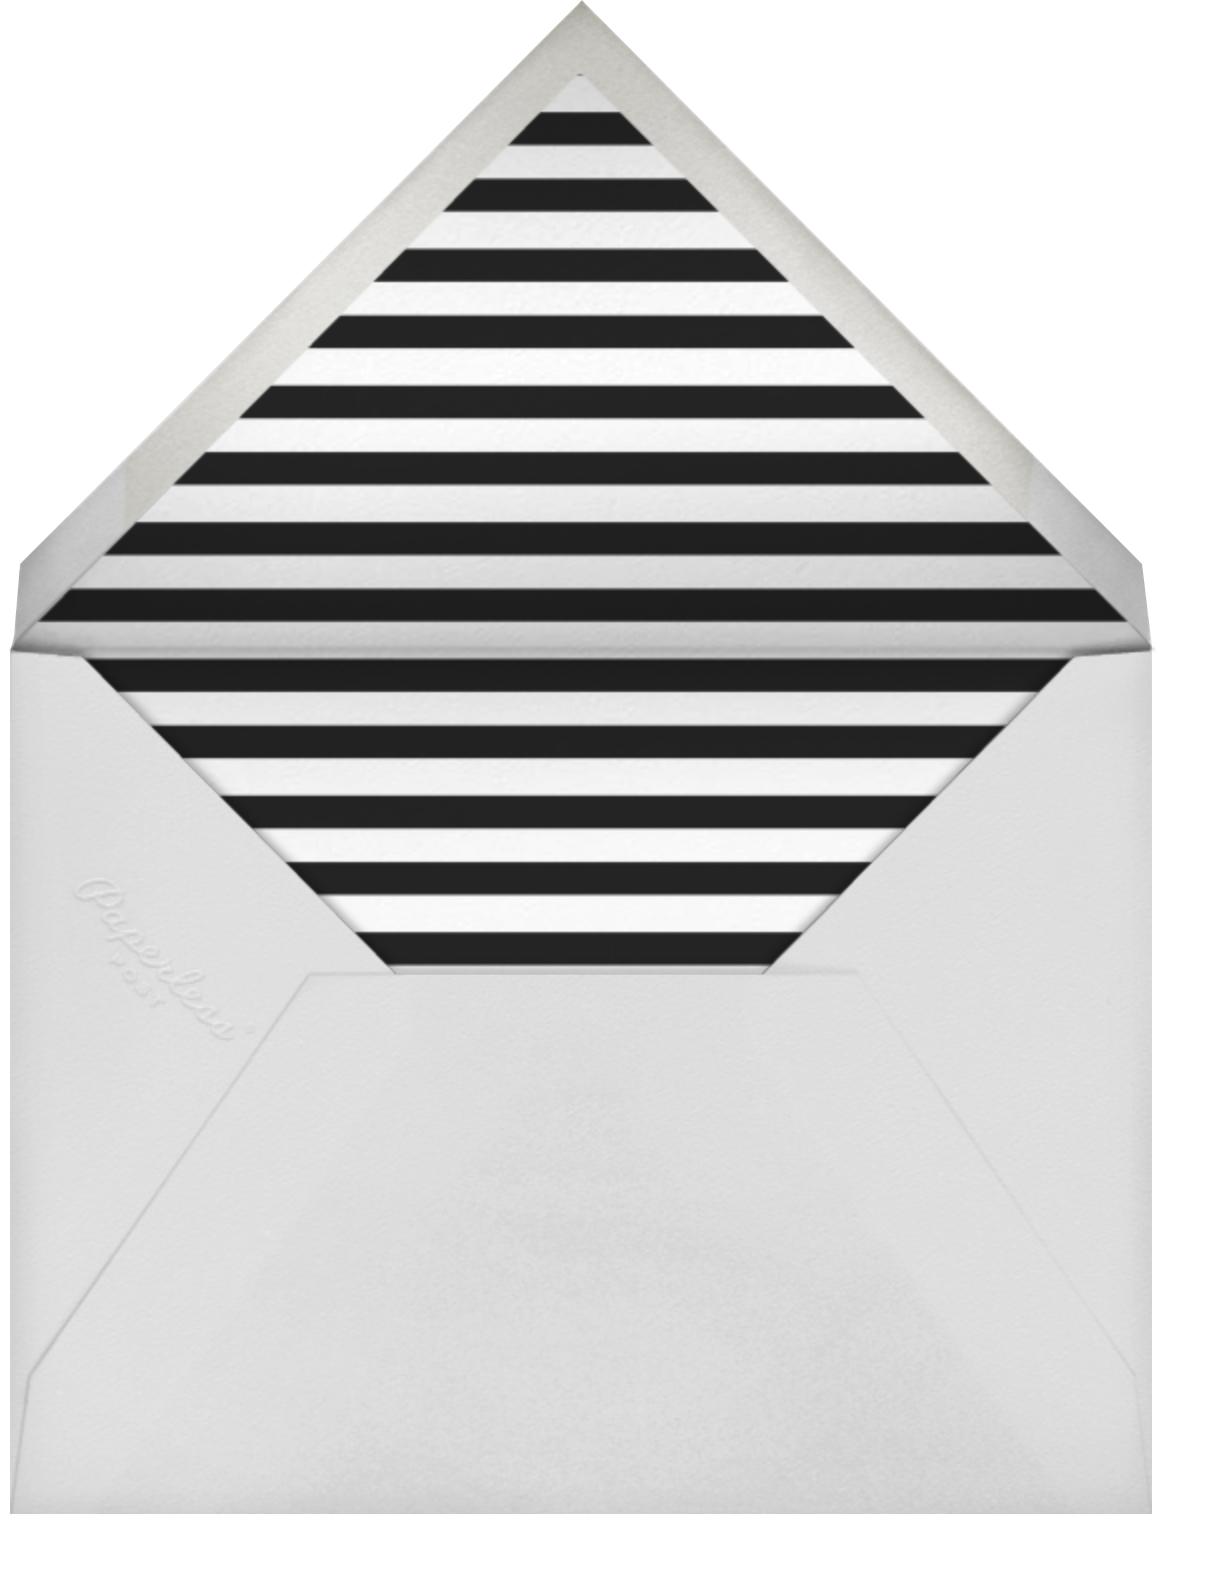 Scalloped Border - Pavlova - kate spade new york - Bridal shower - envelope back